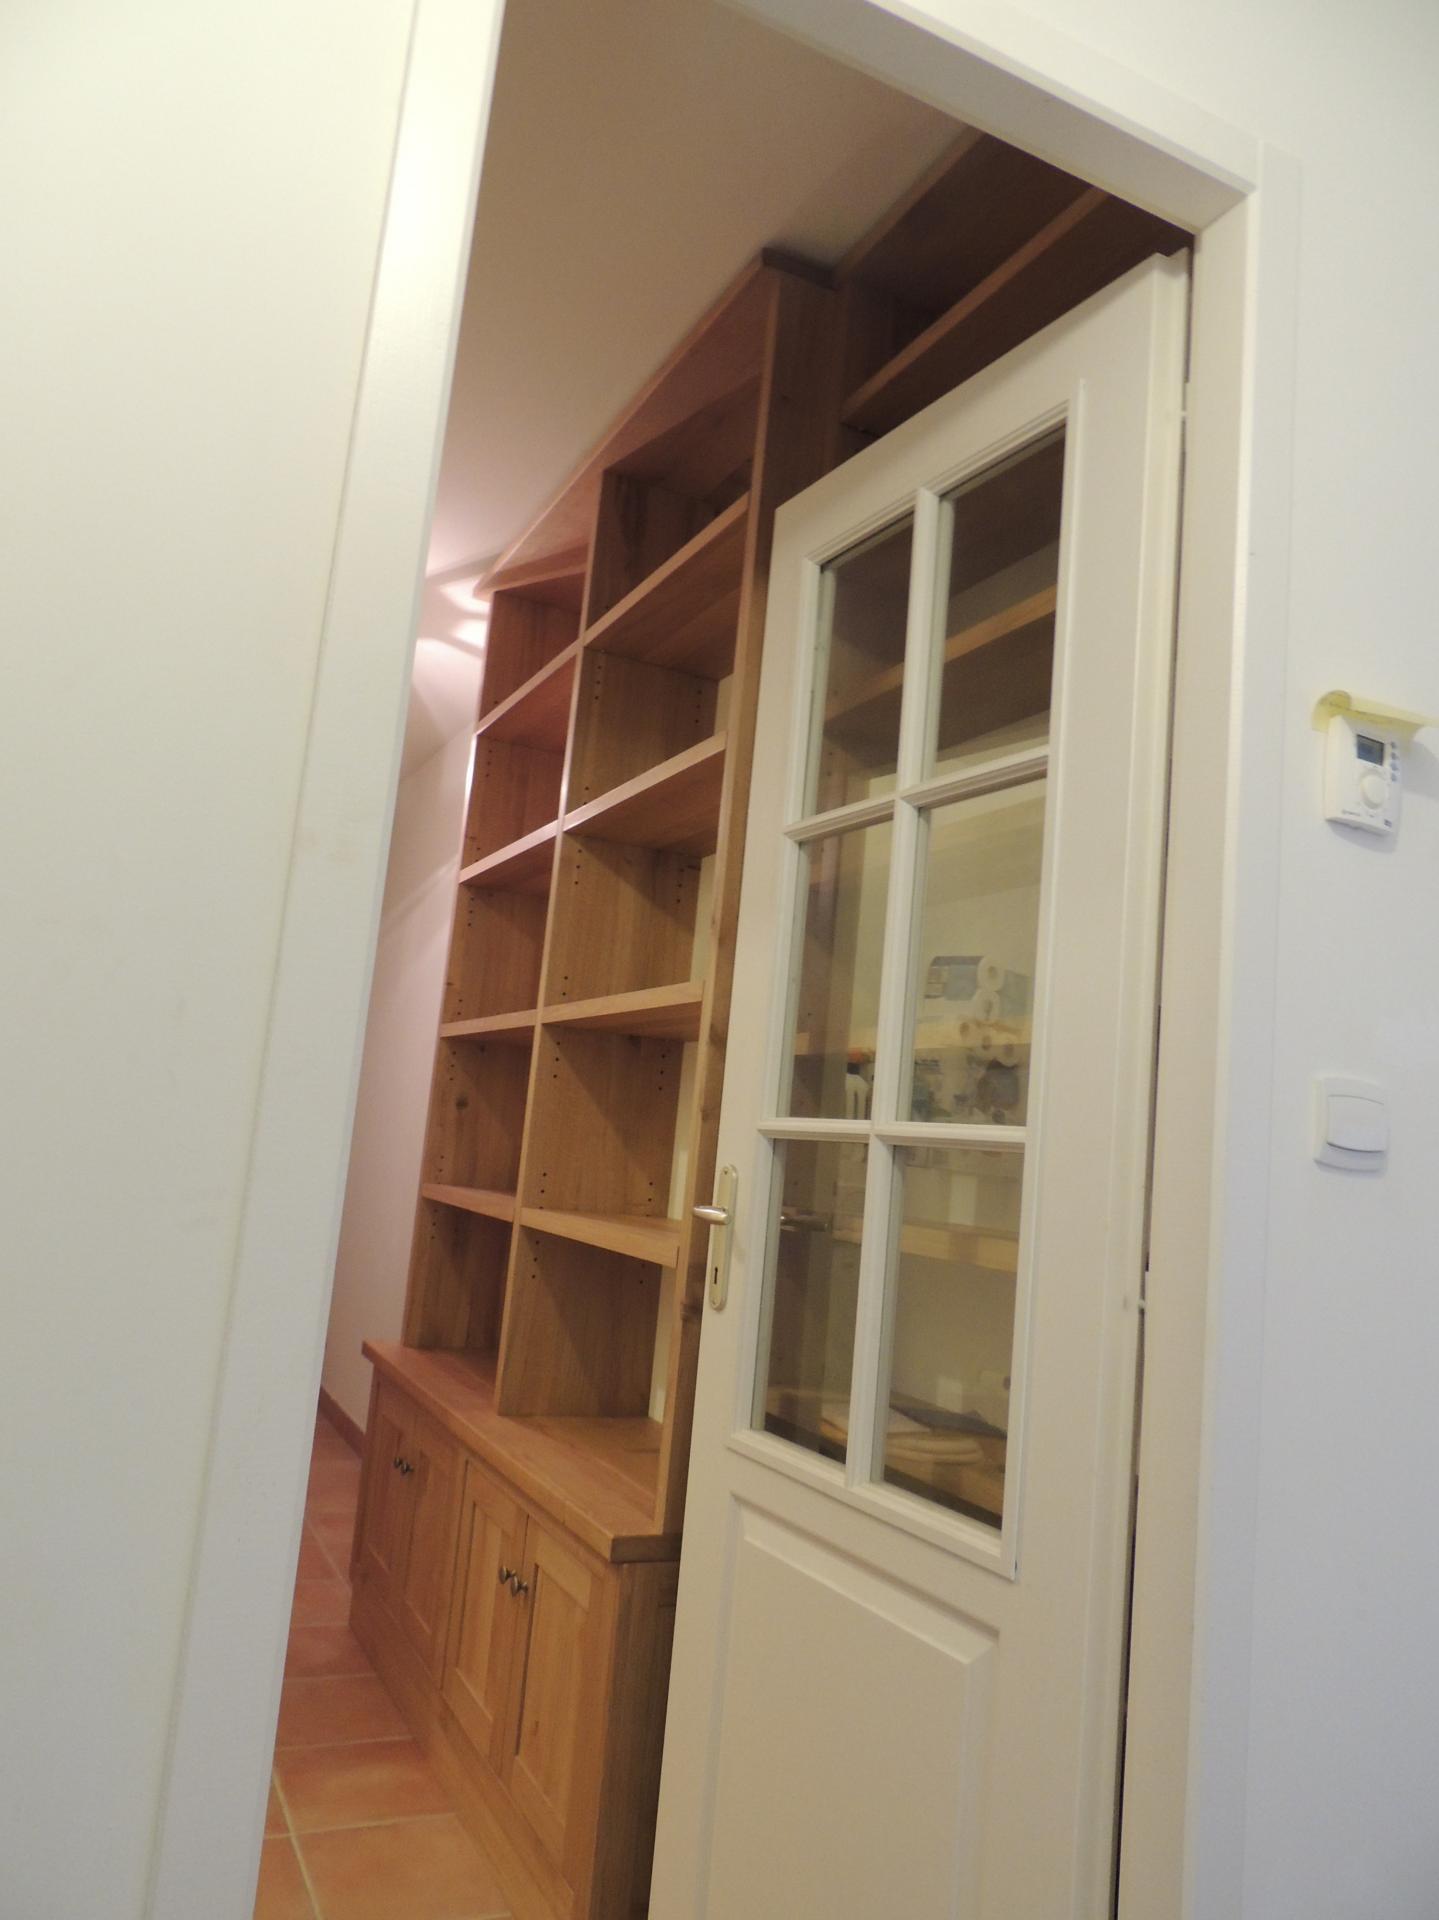 Porte ouverte : la bibliothèque est cachée